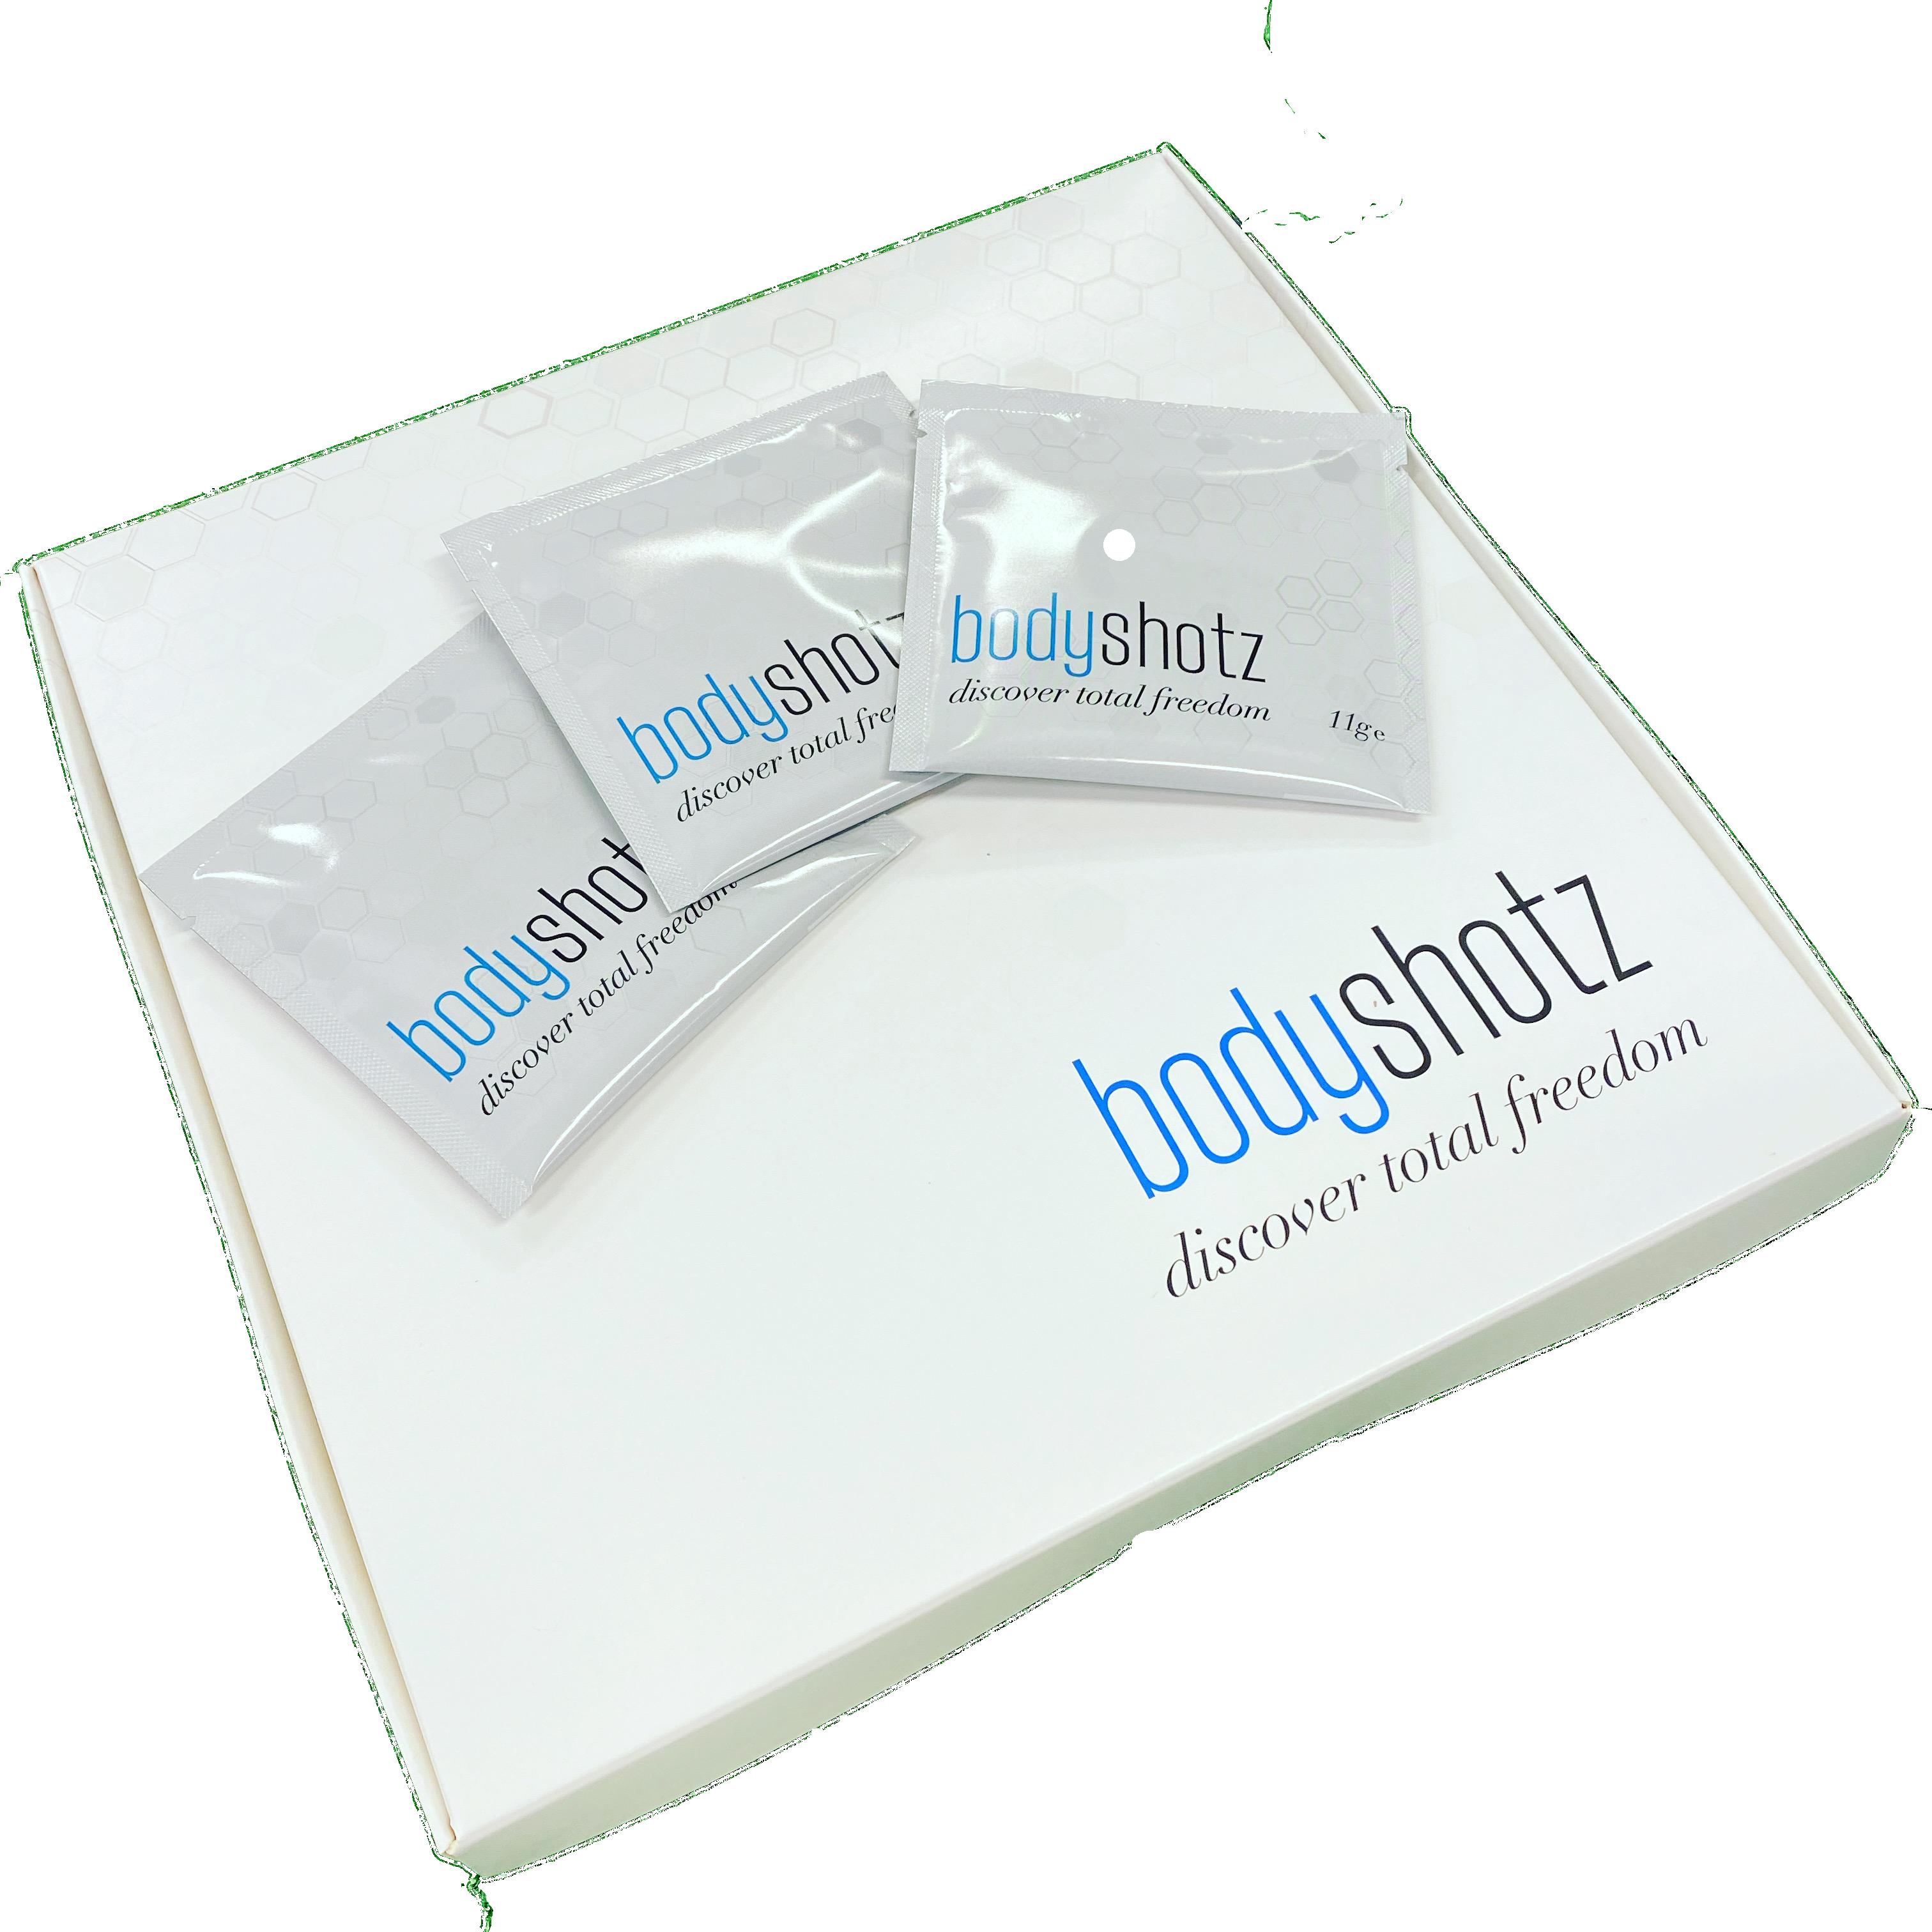 BodyShotz Box with 3 Sachets